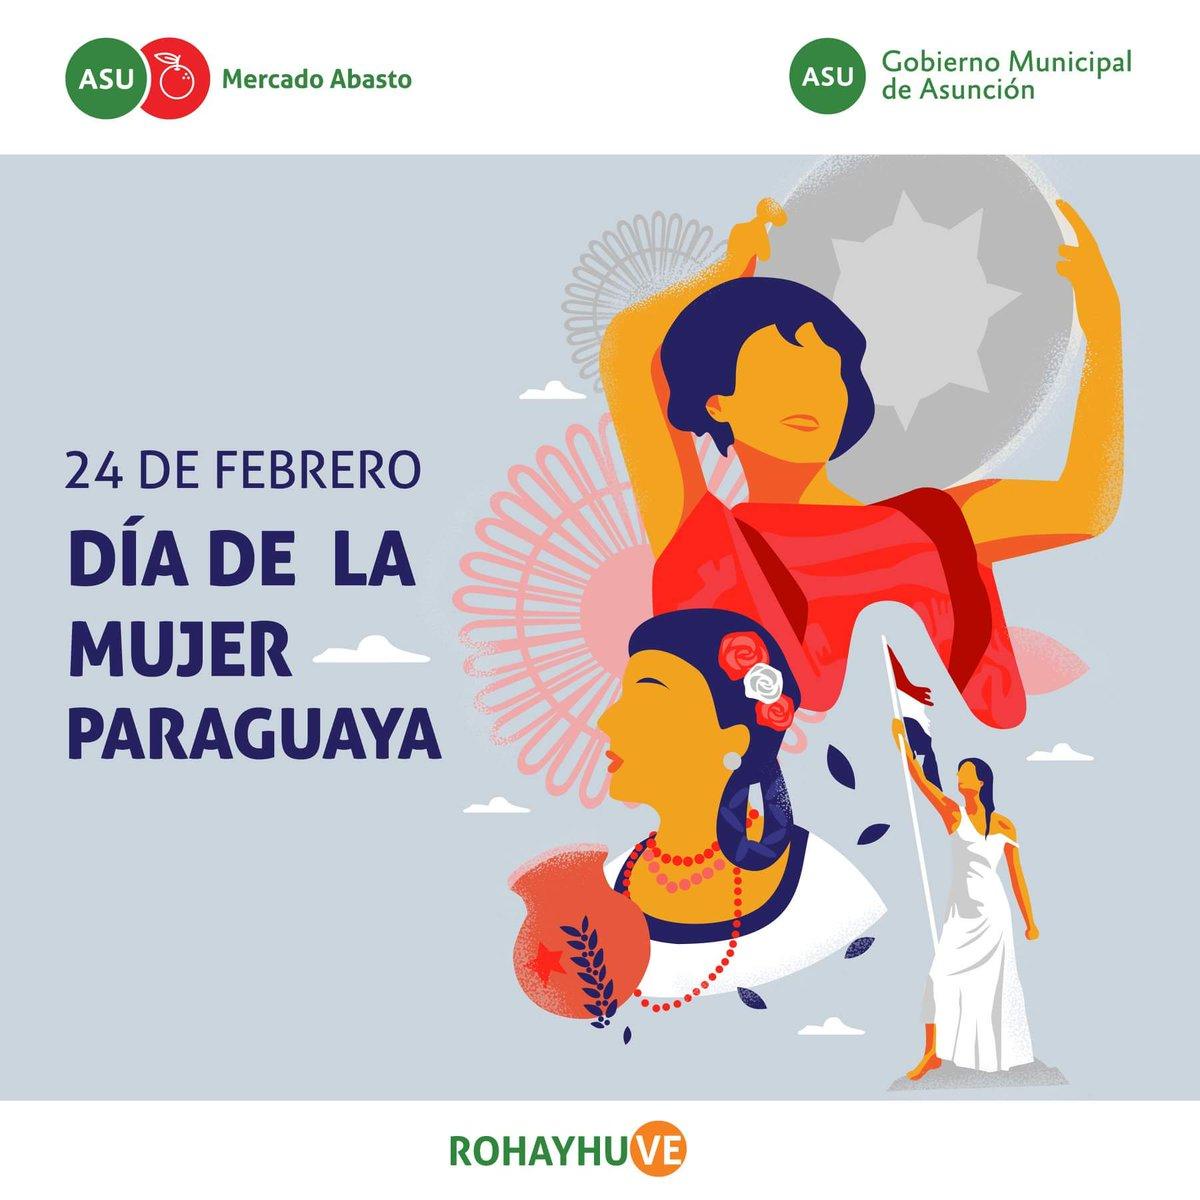 Asuabasto On Twitter 24defebrero Feliz Dia De La Mujer Paraguaya Asuncionmuni Ferreiromario1 Día internacional de la mujer. feliz dia de la mujer paraguaya